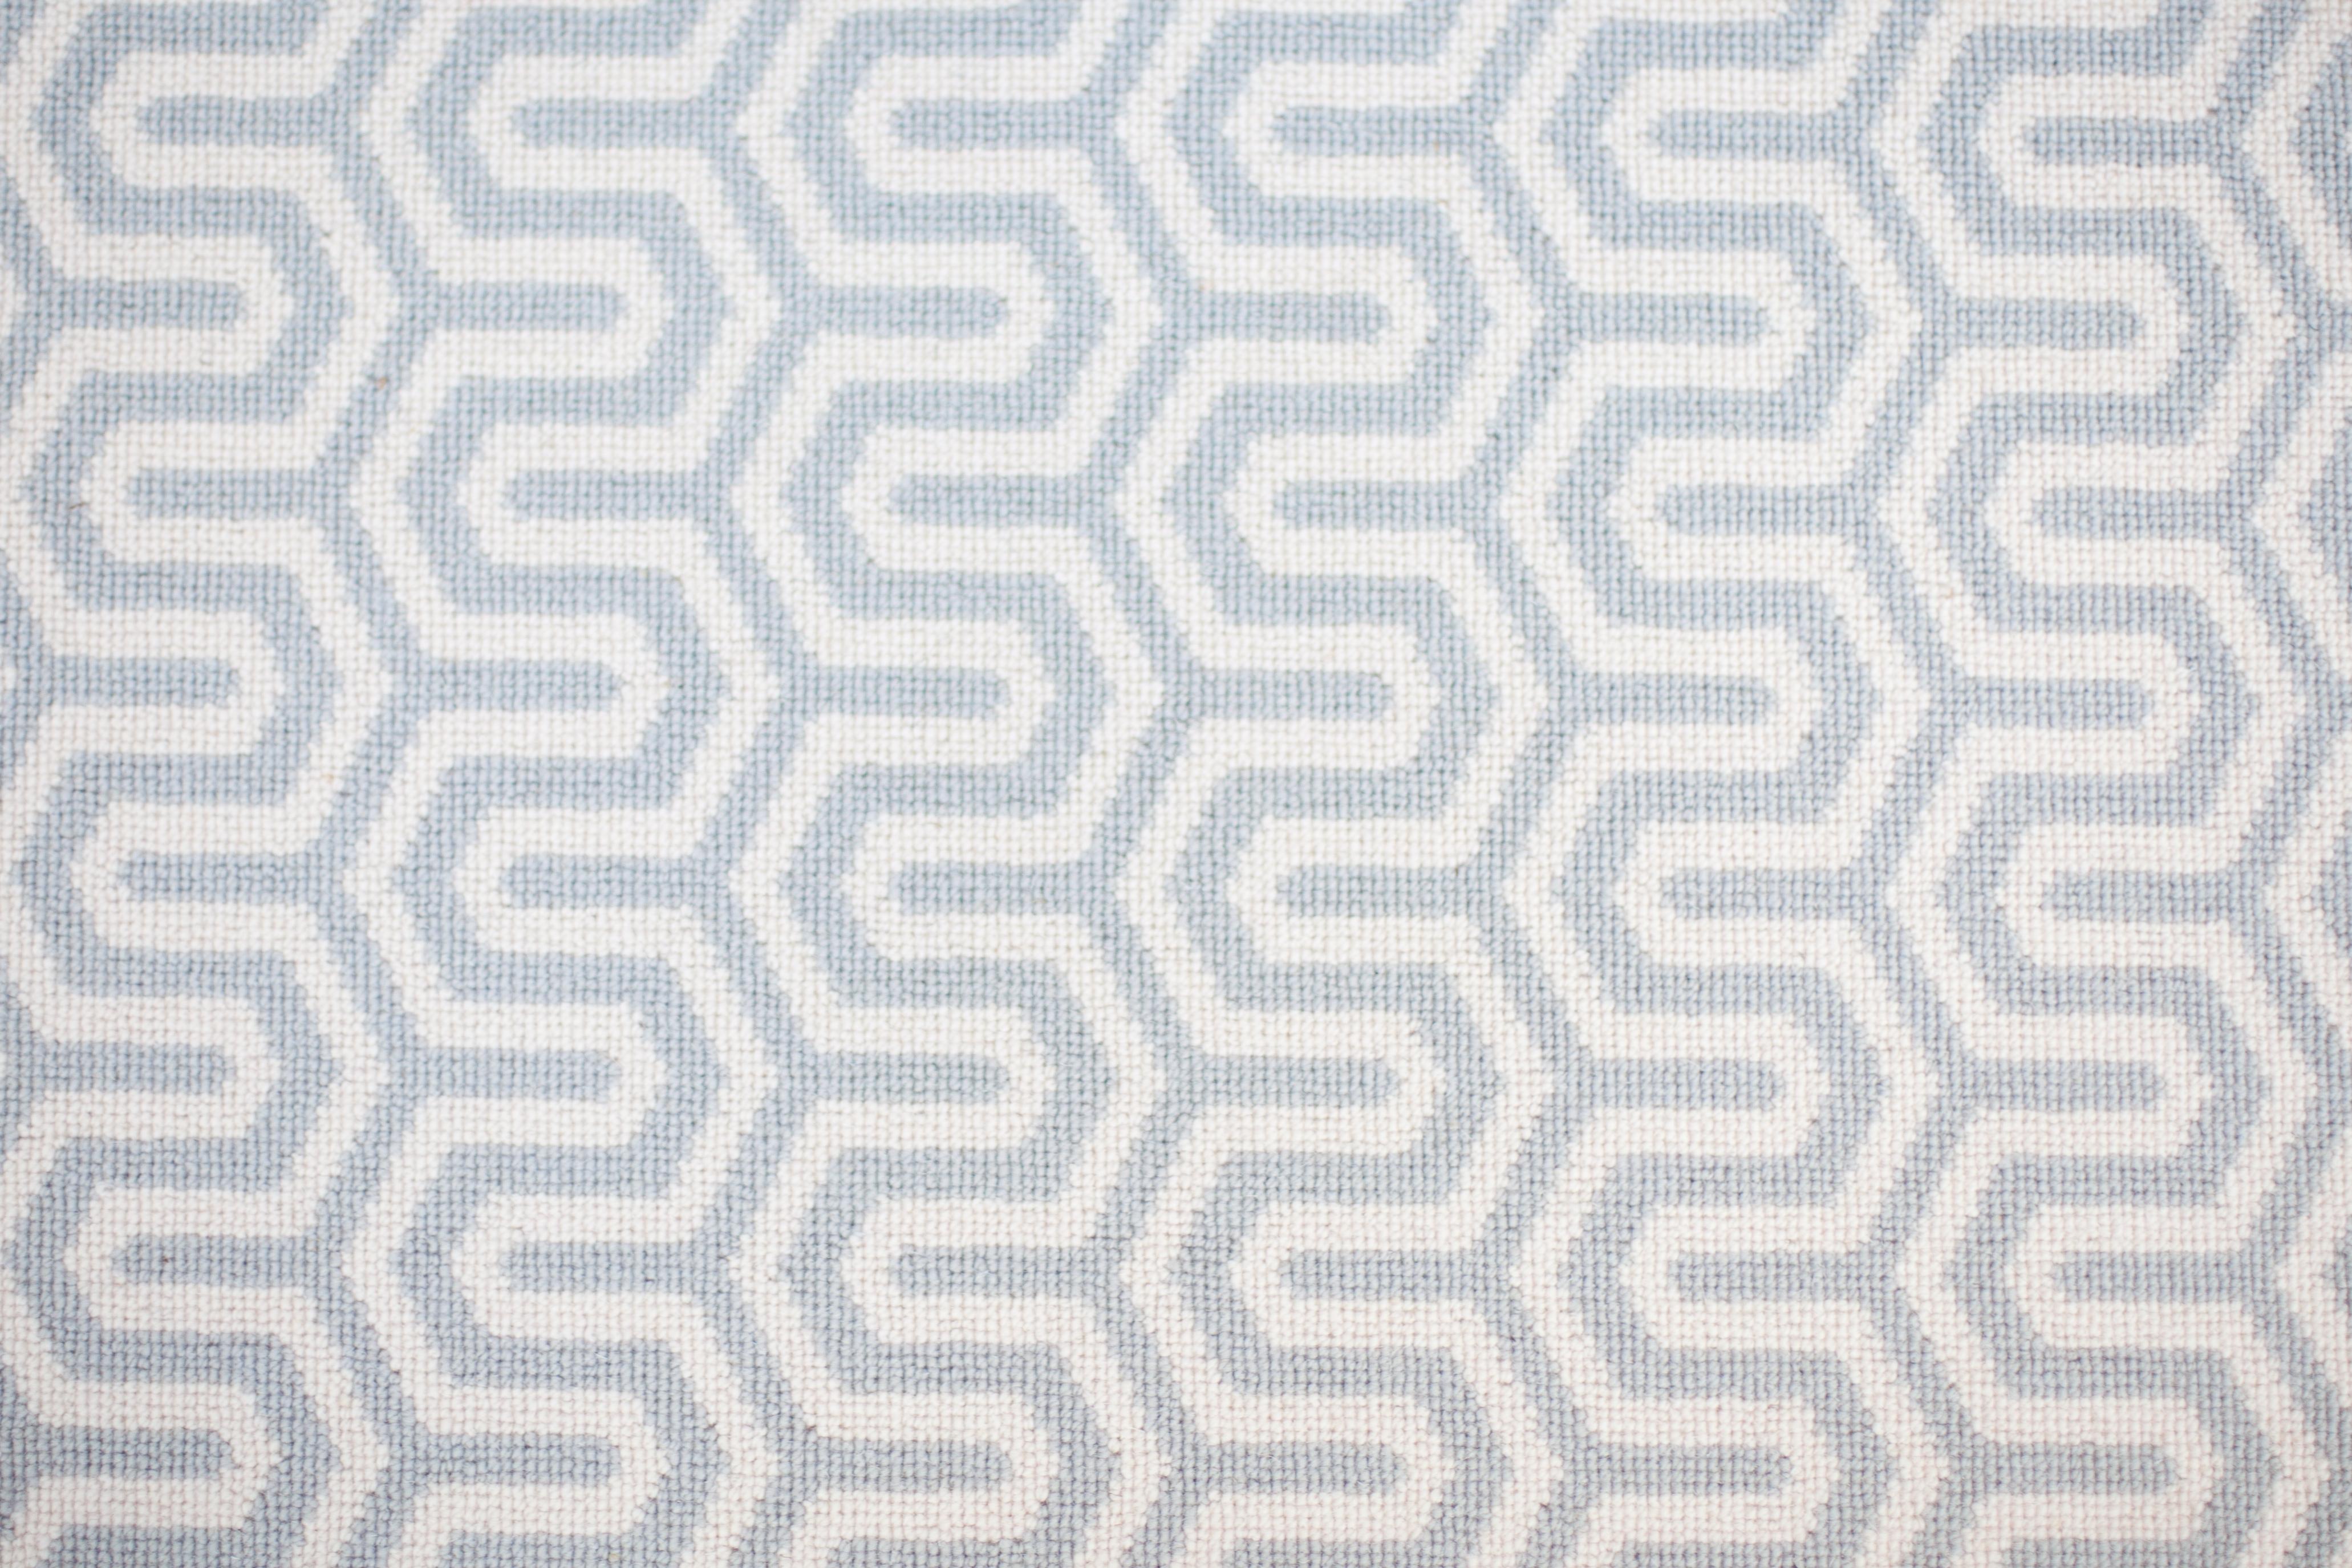 carpet | Abbey Carpet of San Francisco